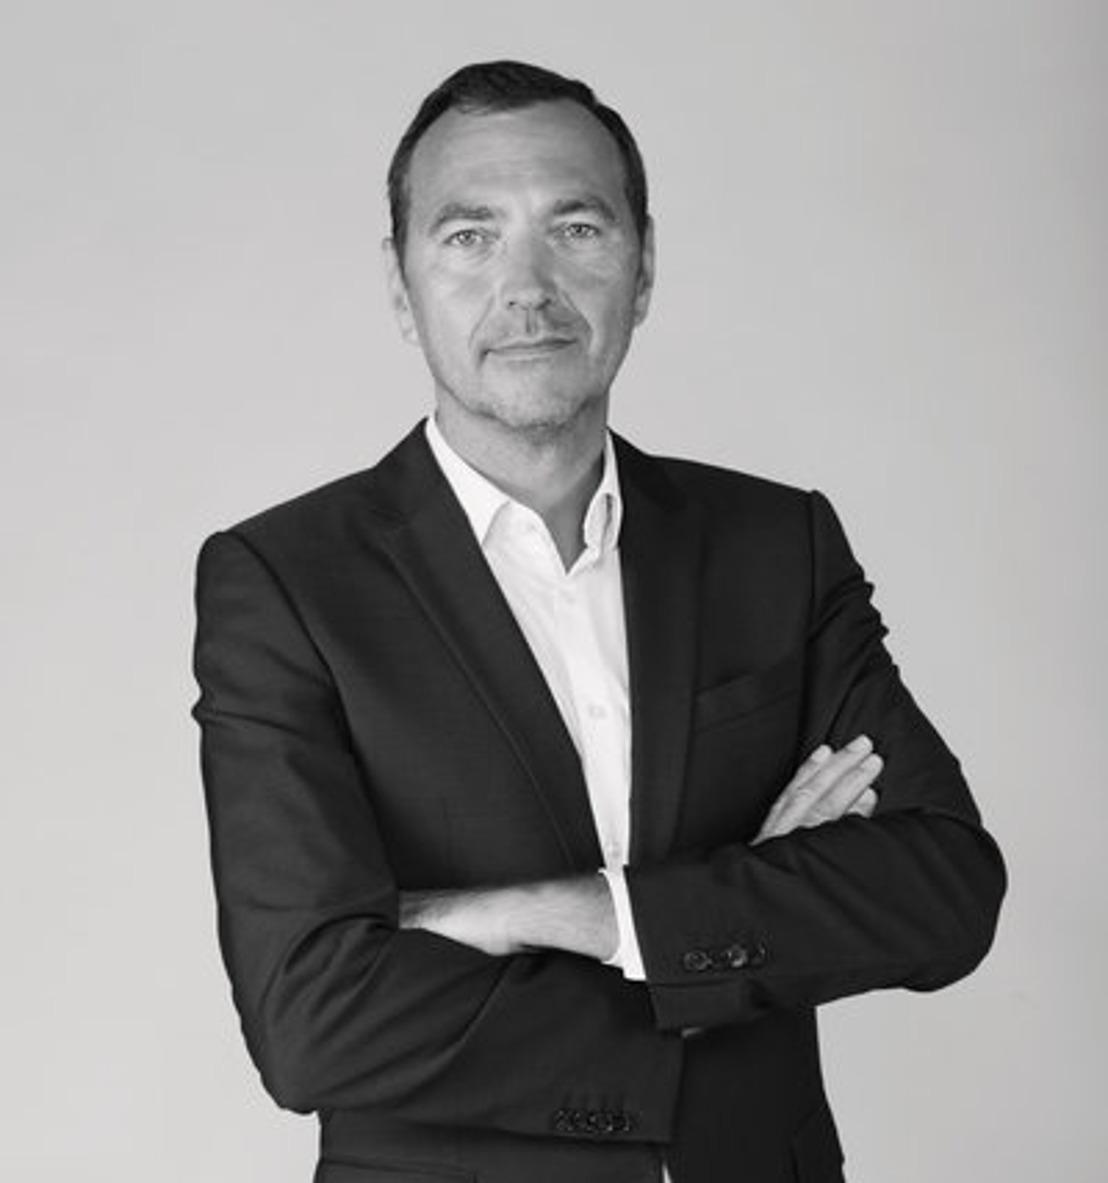 Stéphane Cassiman benoemd tot General Manager BeLux van GROHE